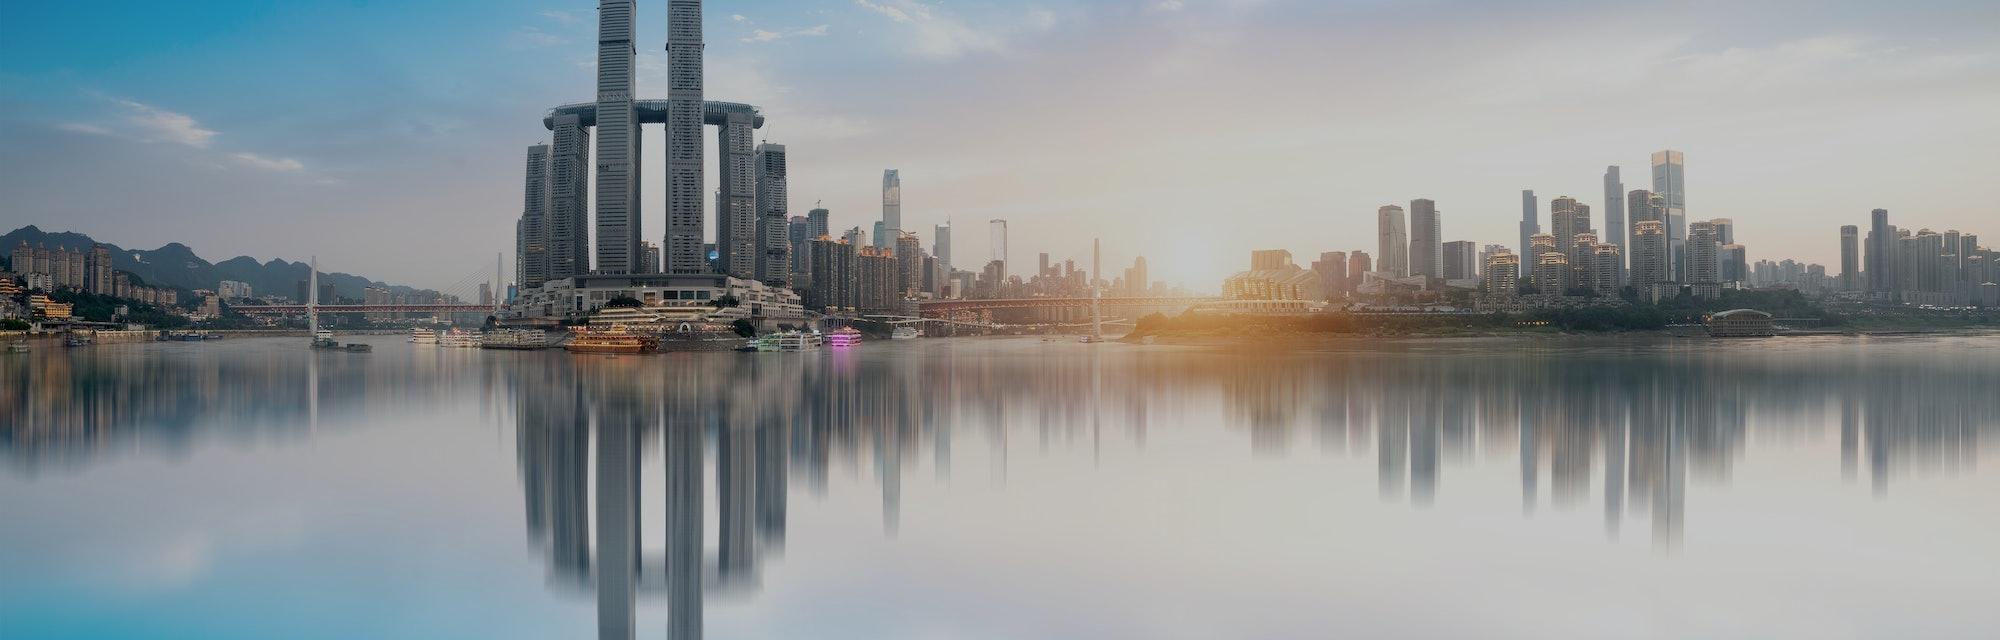 Modern metropolis skyline, Chongqing, China,